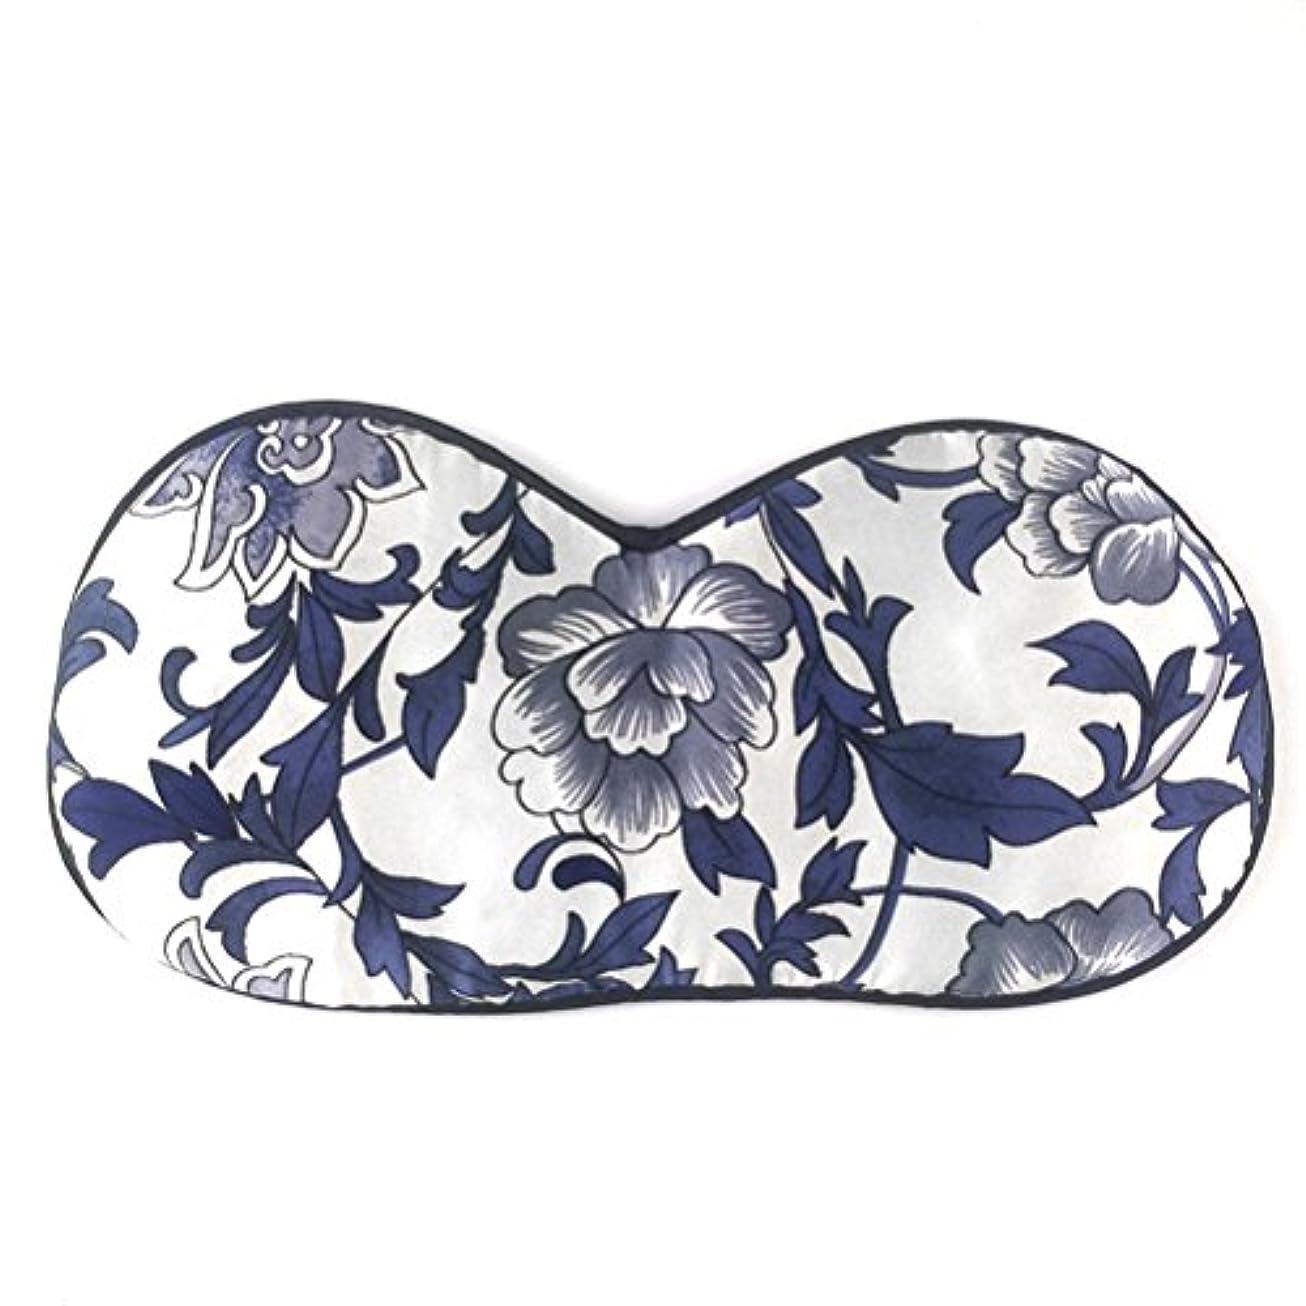 そこ虚偽感覚ULTNICE シルク睡眠の目のマスク目隠しのアイシャドウ女性のための睡眠の昼寝の瞑想(青と白の磁器)